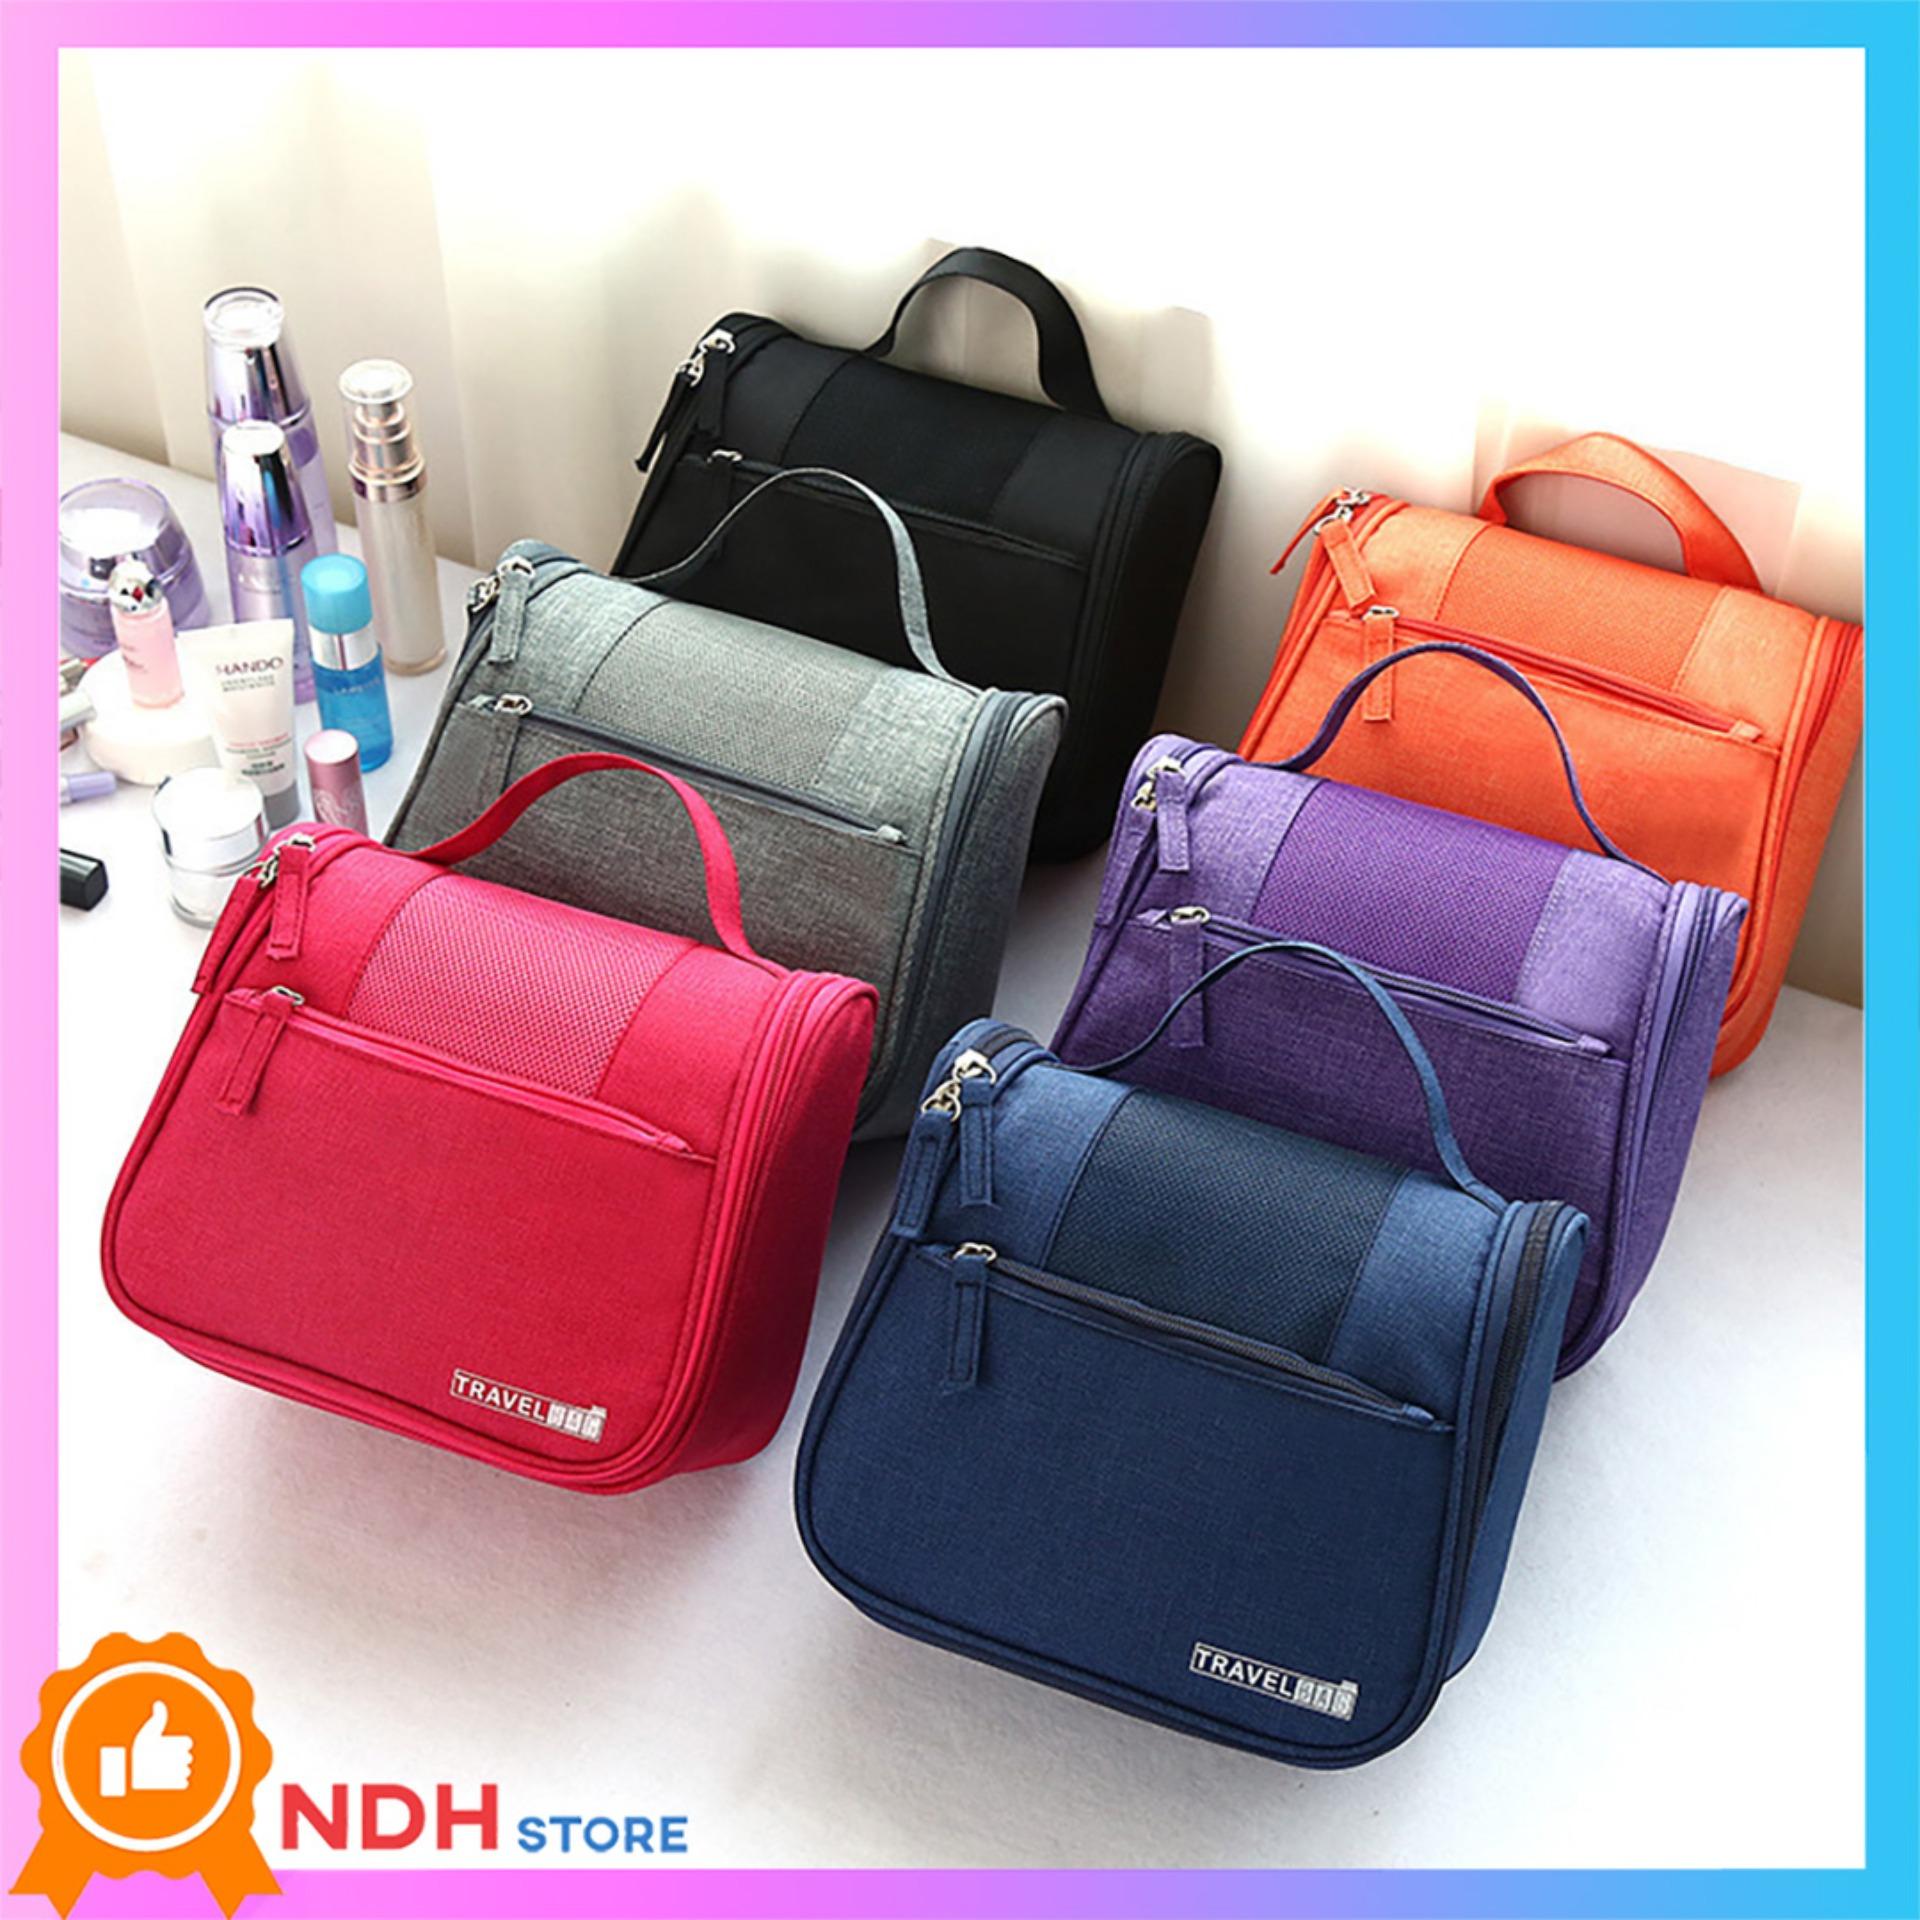 Túi đựng mỹ phẩm thông minh Travel Bag vãi lưới thoáng khí, 5 ngăn đựng tiện dụng ( Nhiều màu)